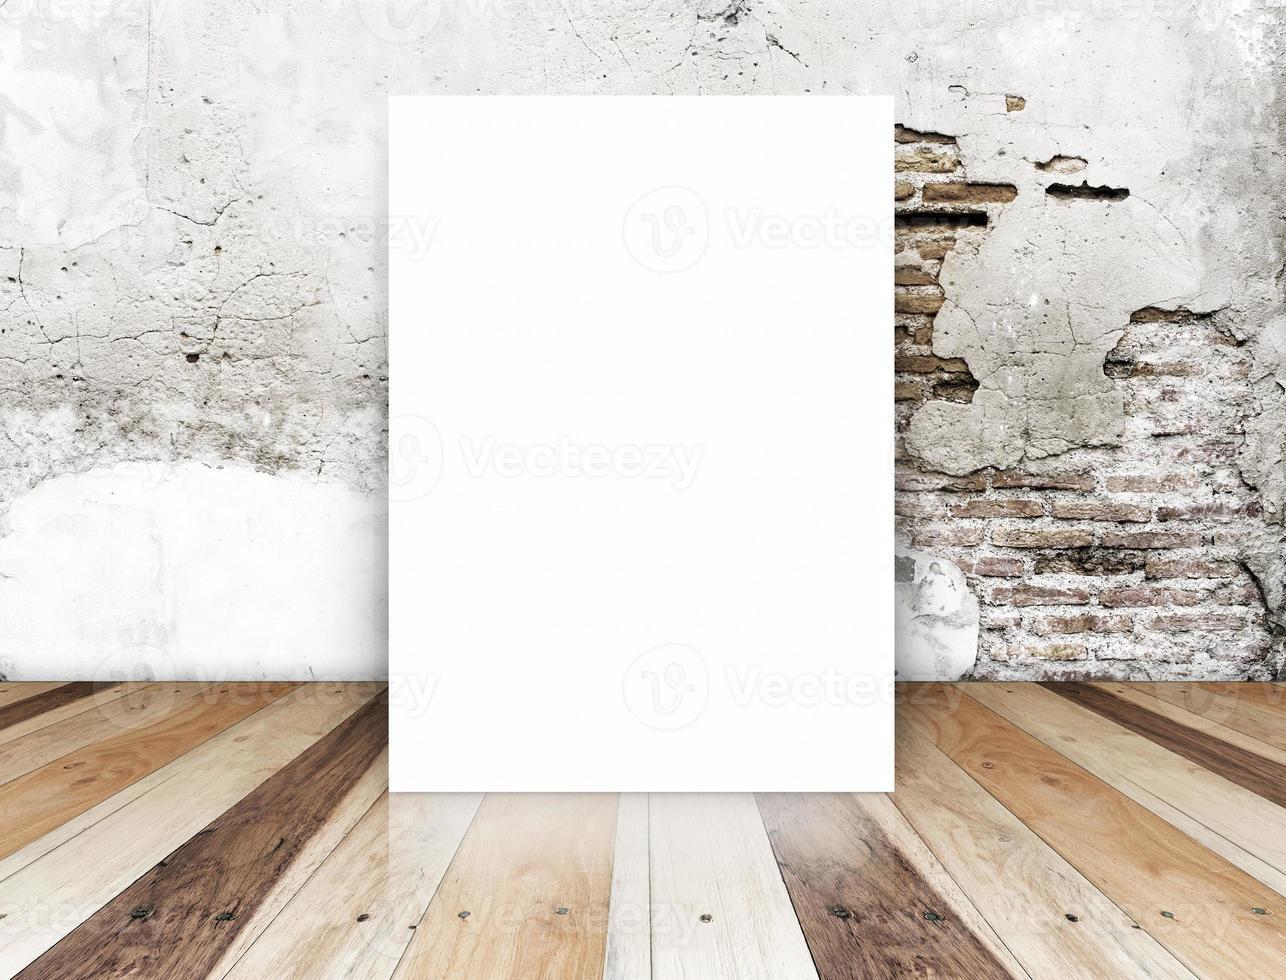 affiche vierge dans le mur de briques de crack et plancher en bois tropical photo